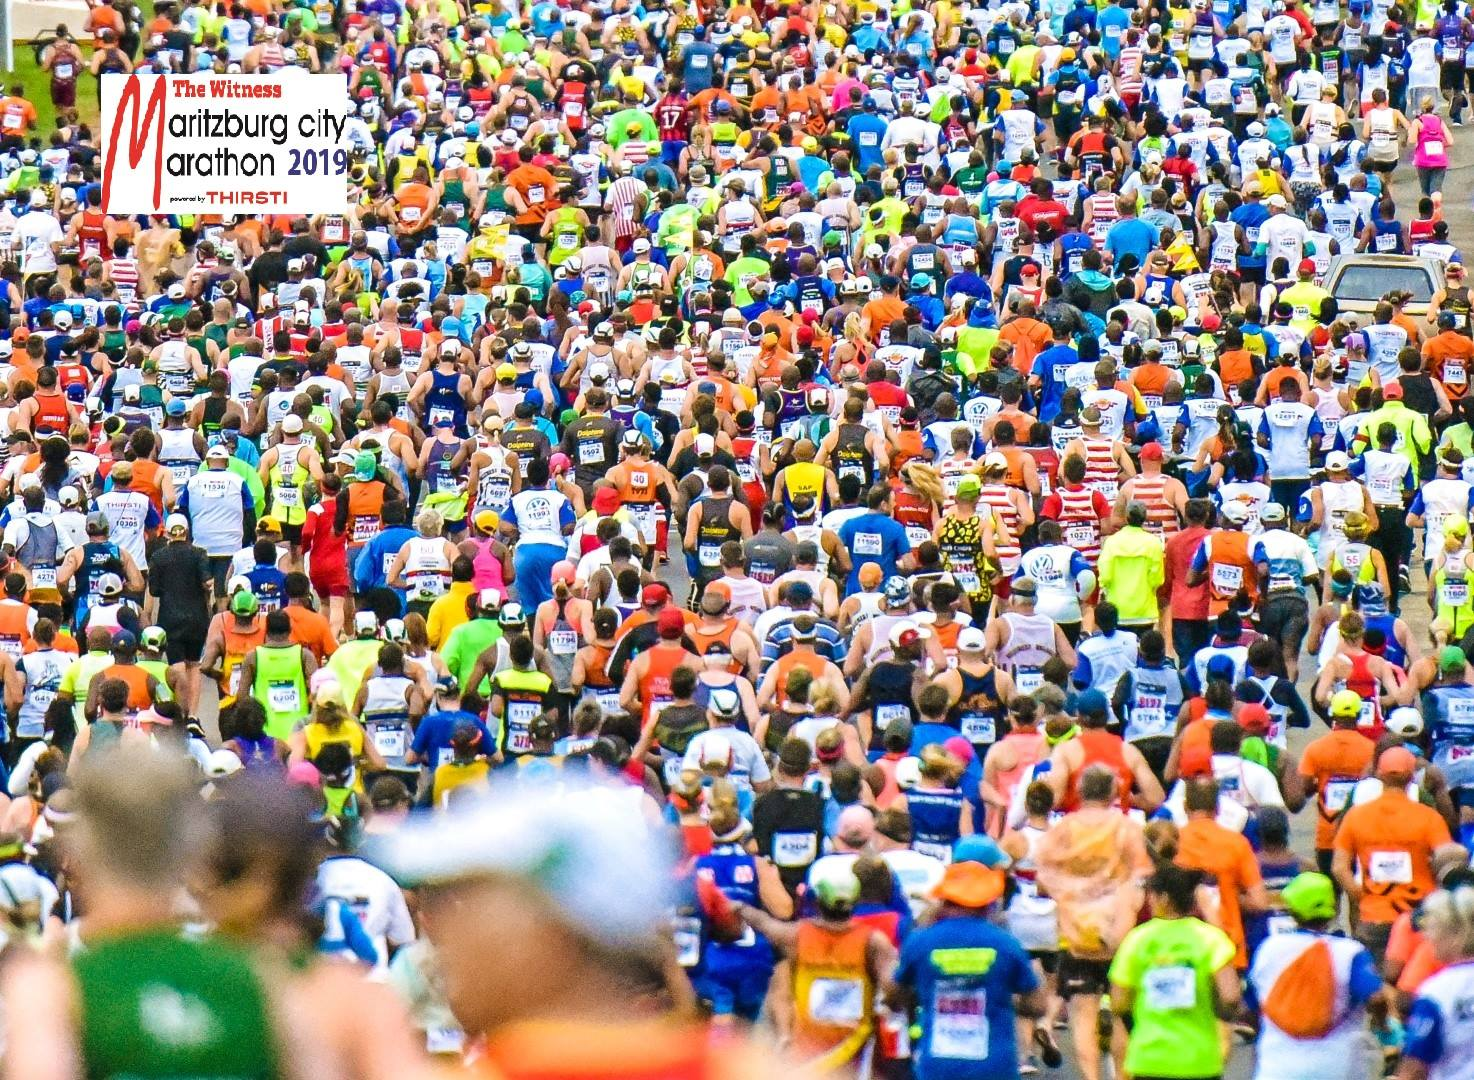 The Maritzburg City Marathon 2019 - Race Connections